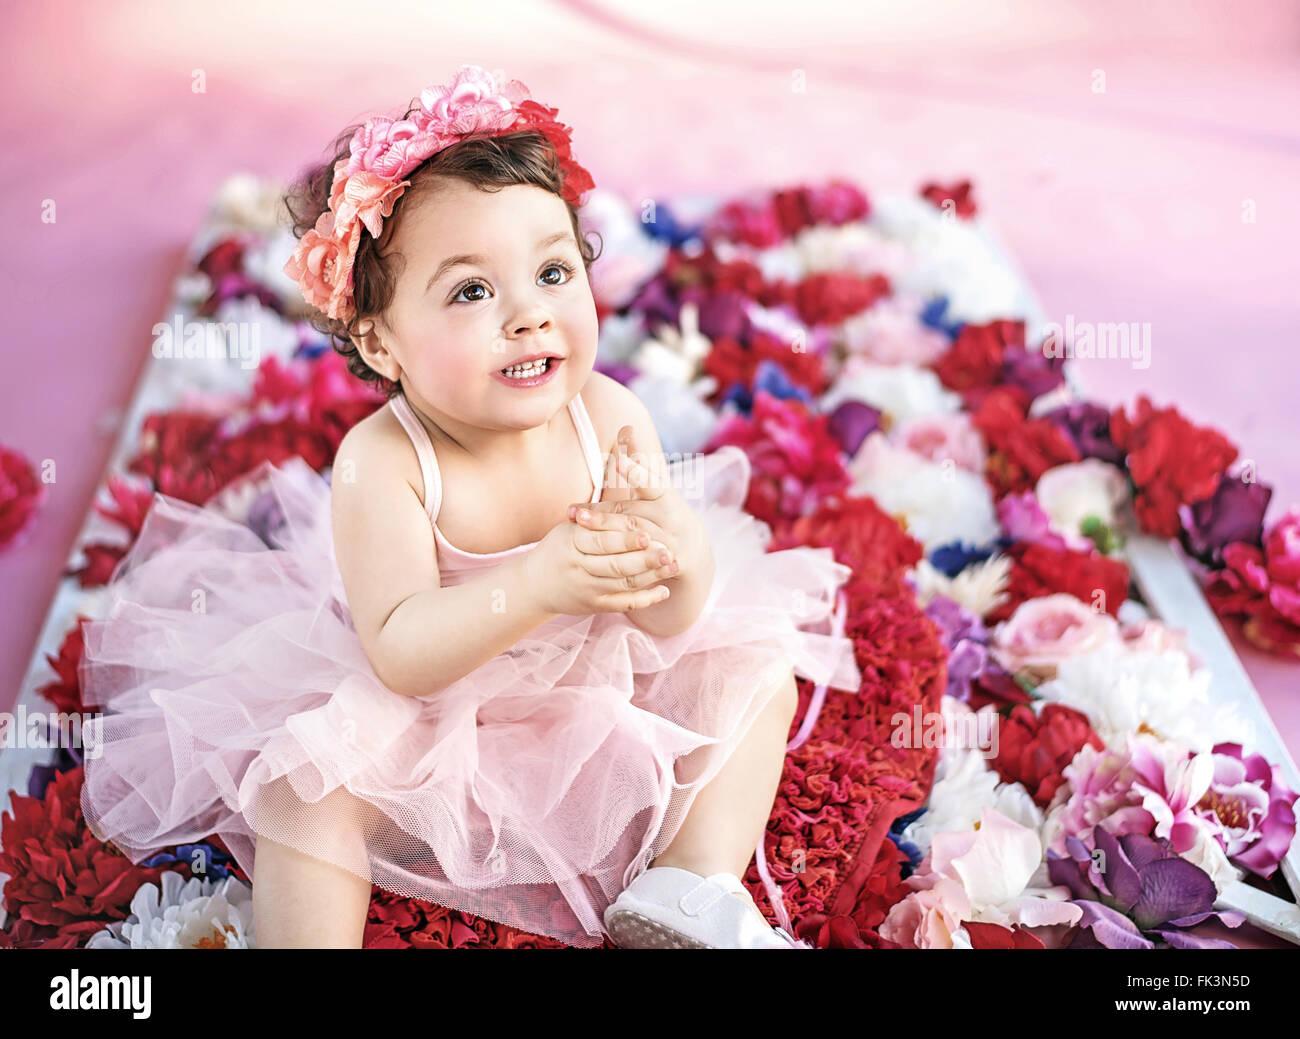 Carino ragazza seduta su un mazzo di fiori Immagini Stock